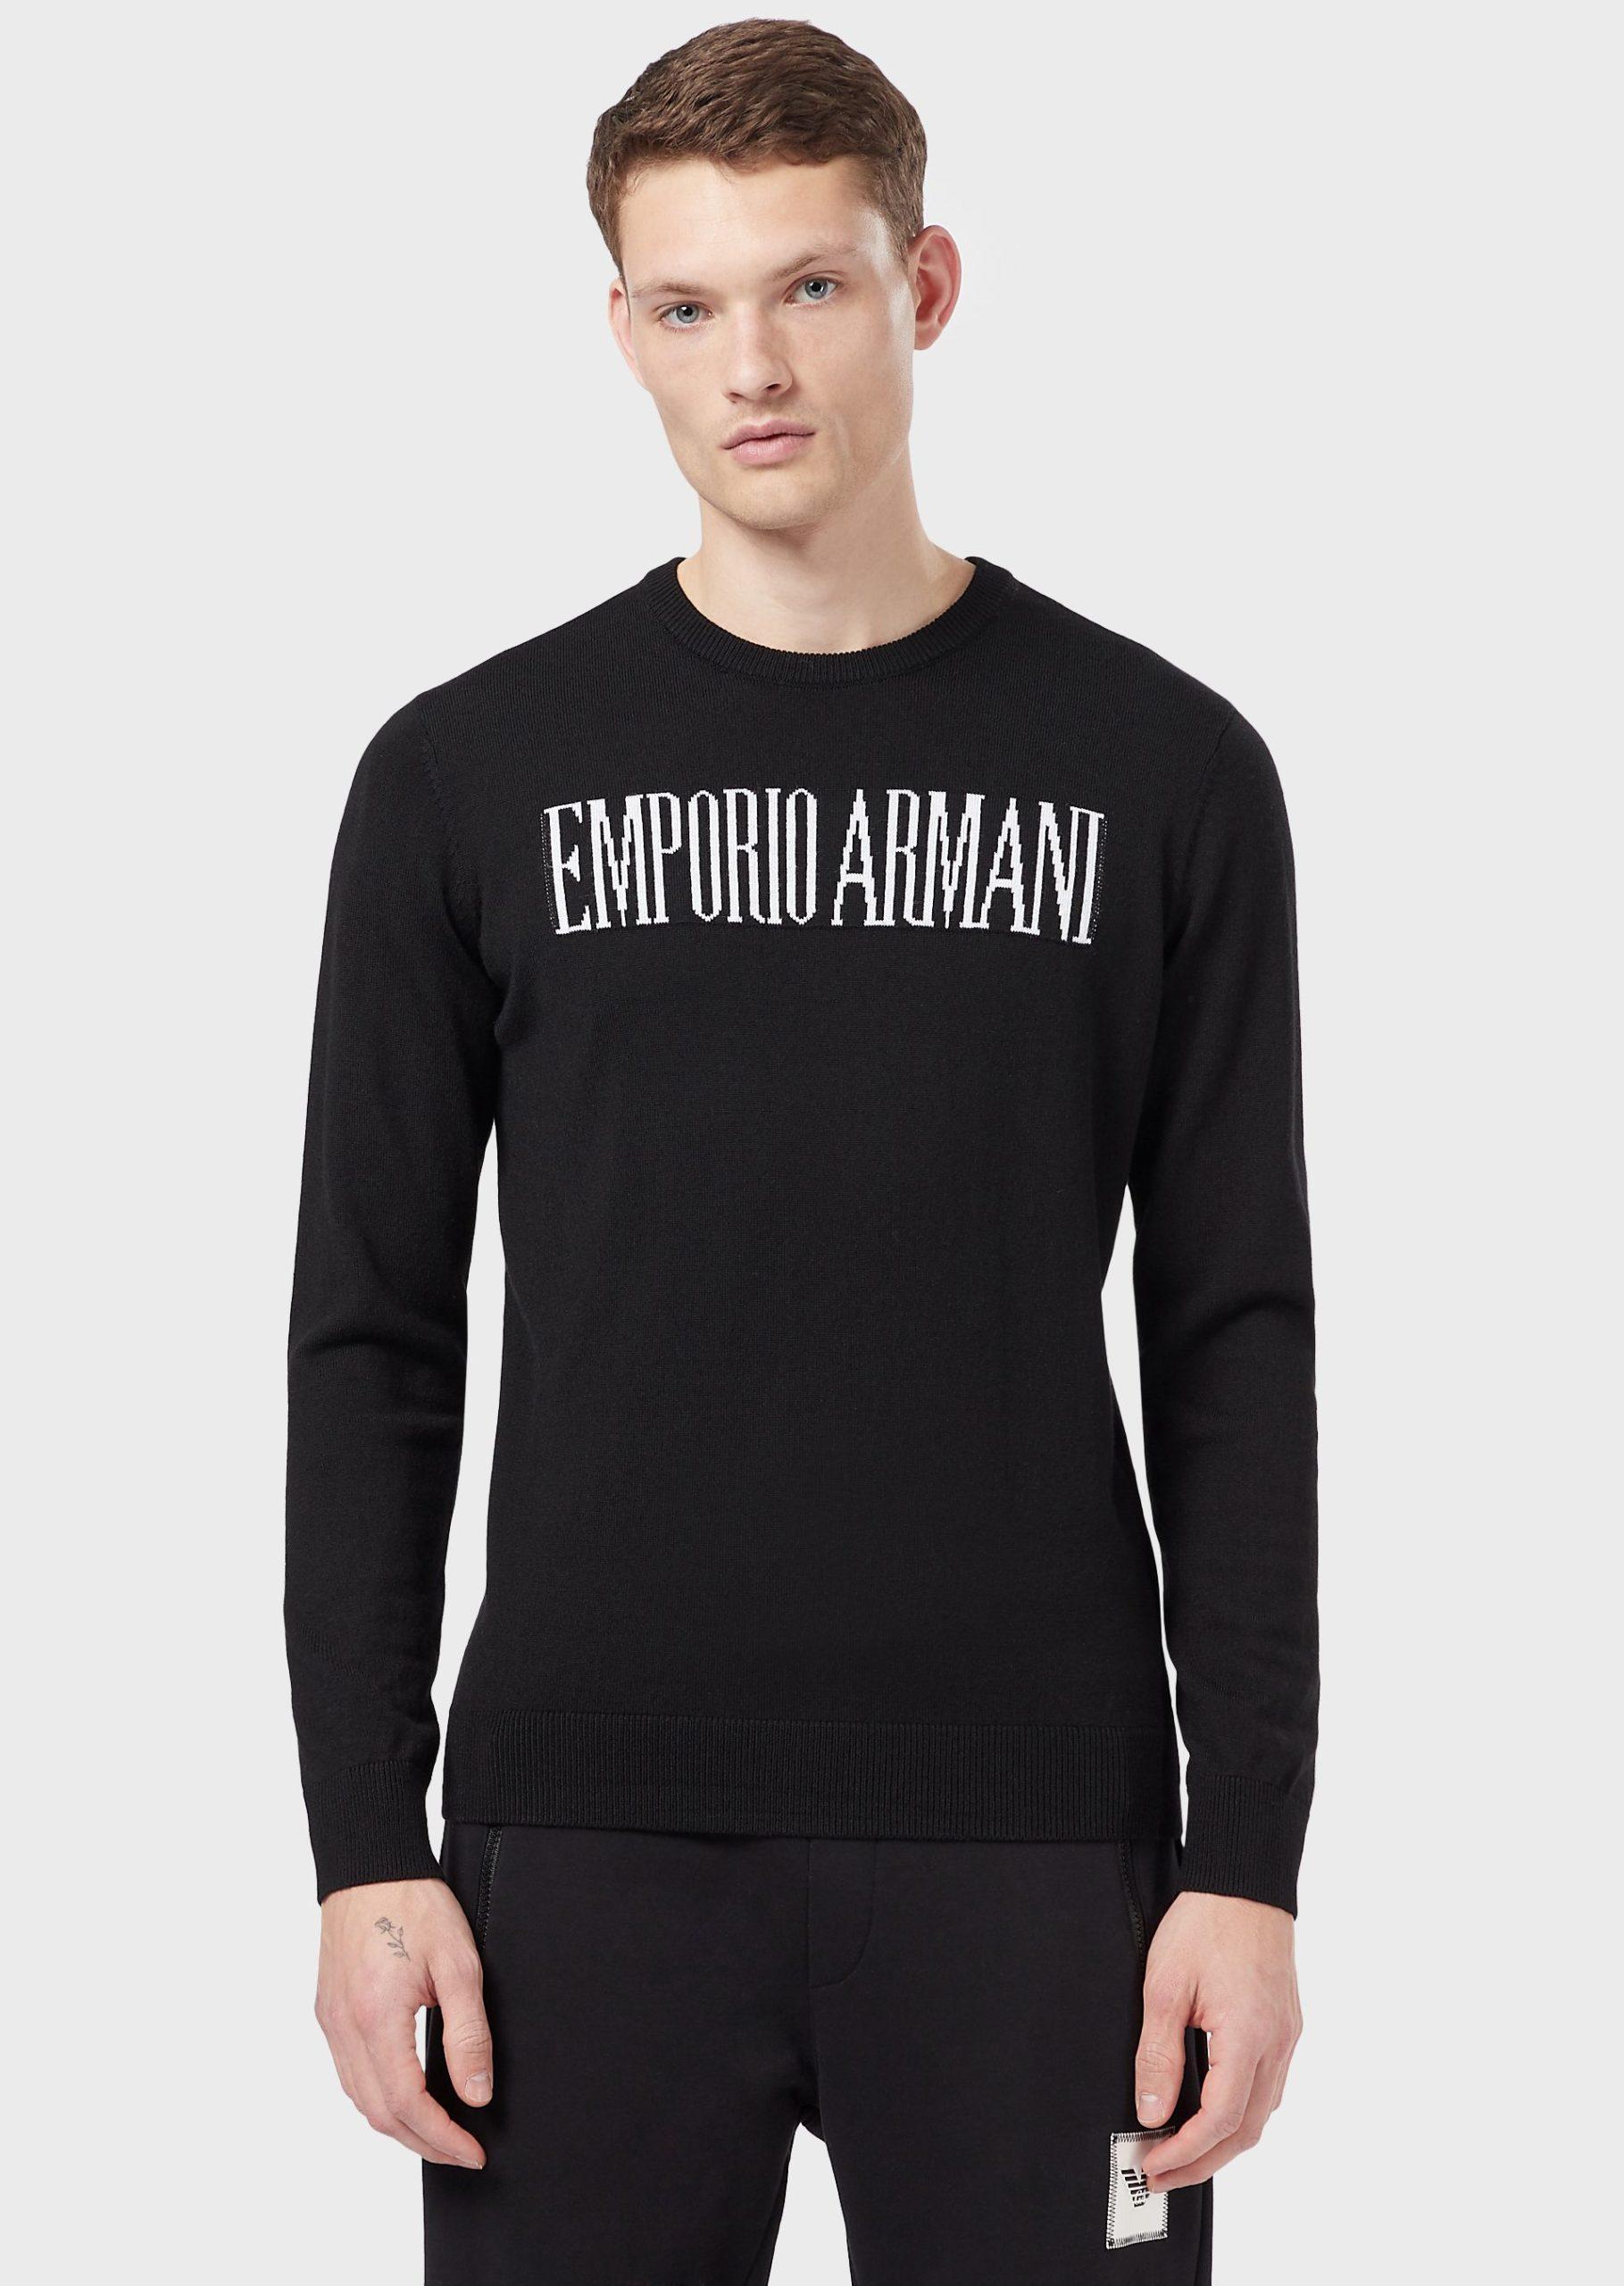 Maglione nero Emporio Armani - Blumoda Fashion Team